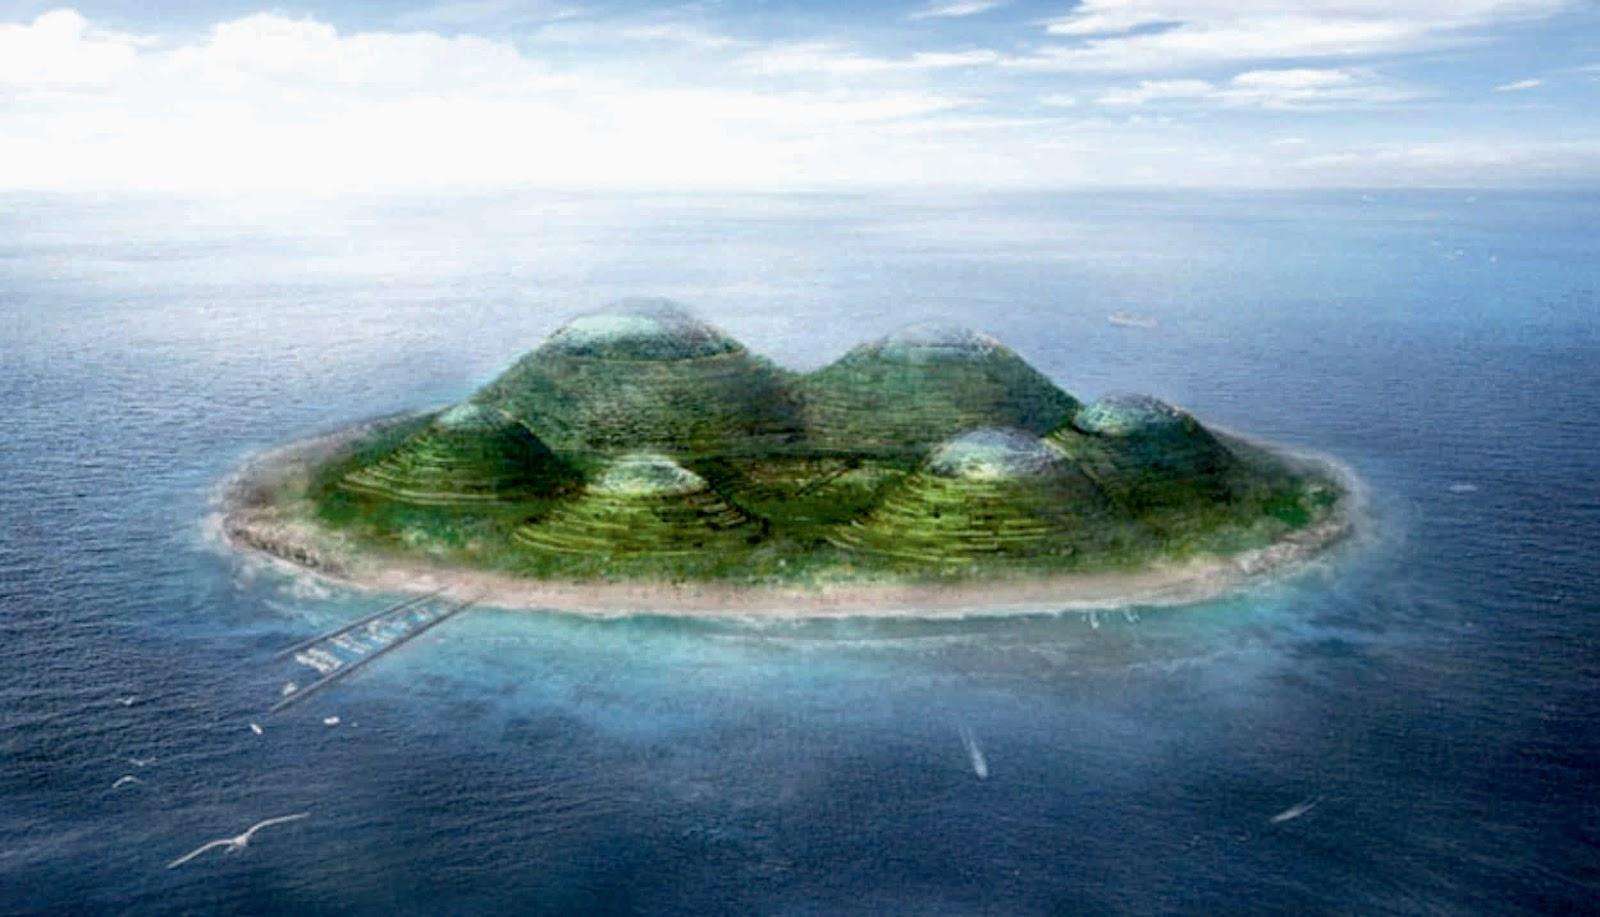 Havvada Island by Dror03